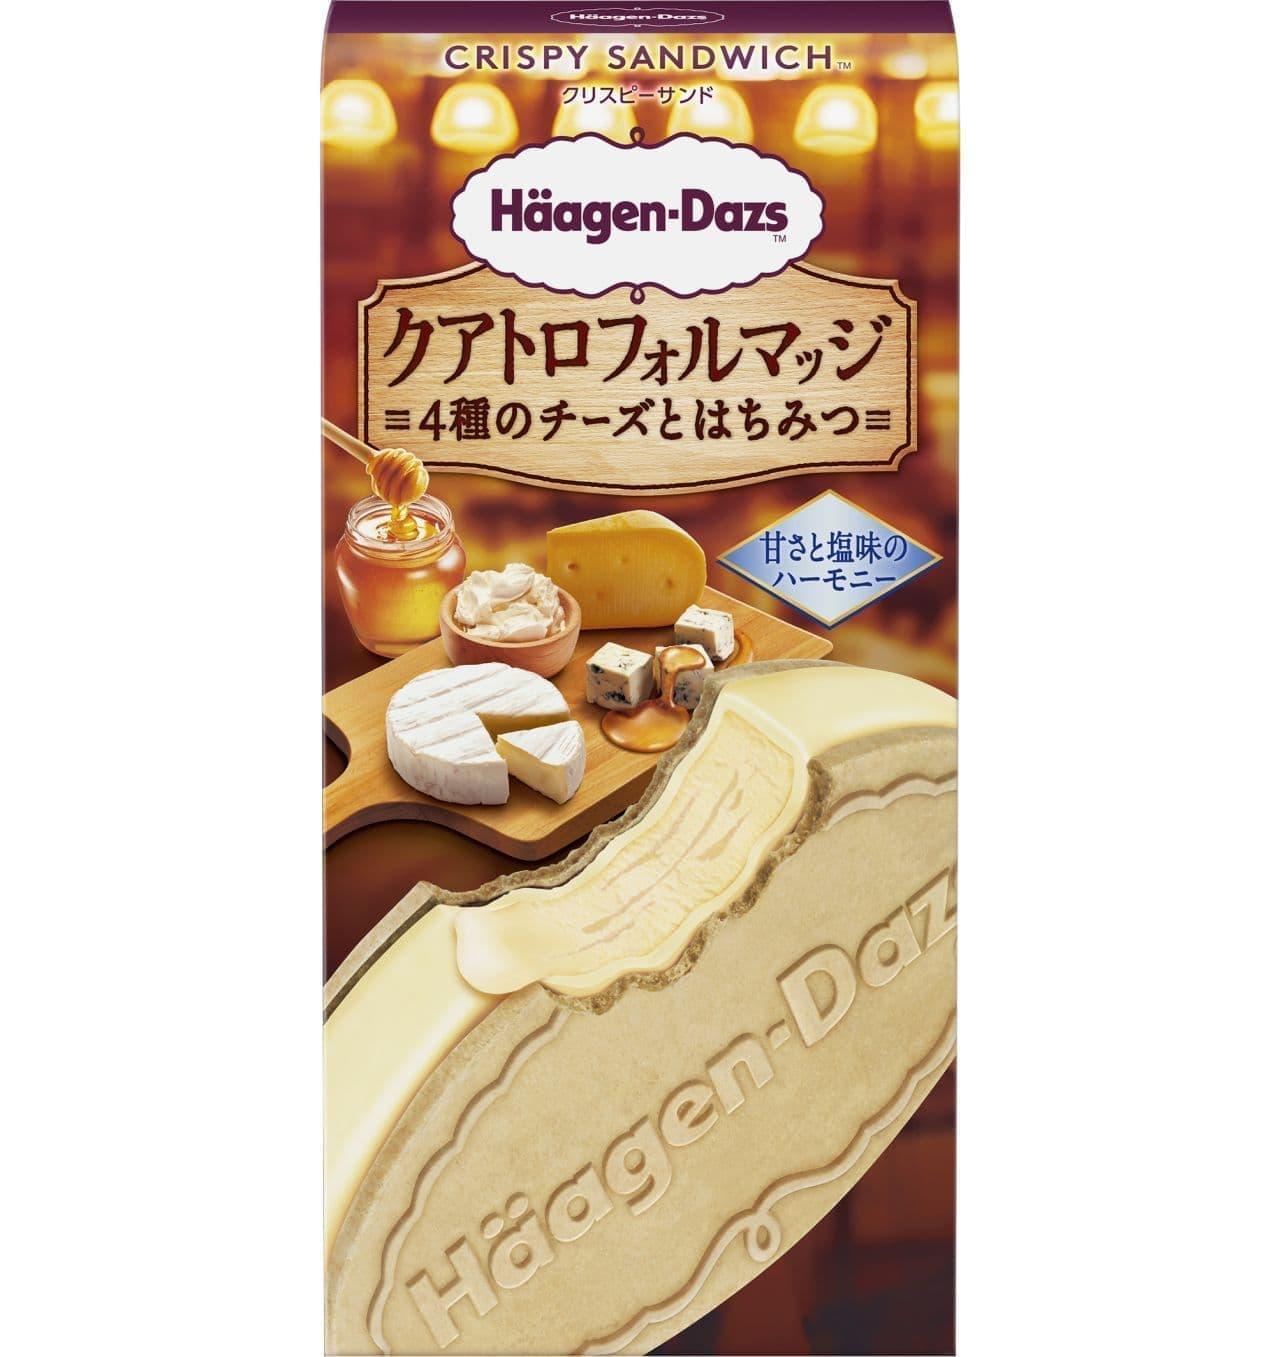 ハーゲンダッツクリスピーサンドの新商品「クアトロフォルマッジ~4種のチーズとはちみつ~」